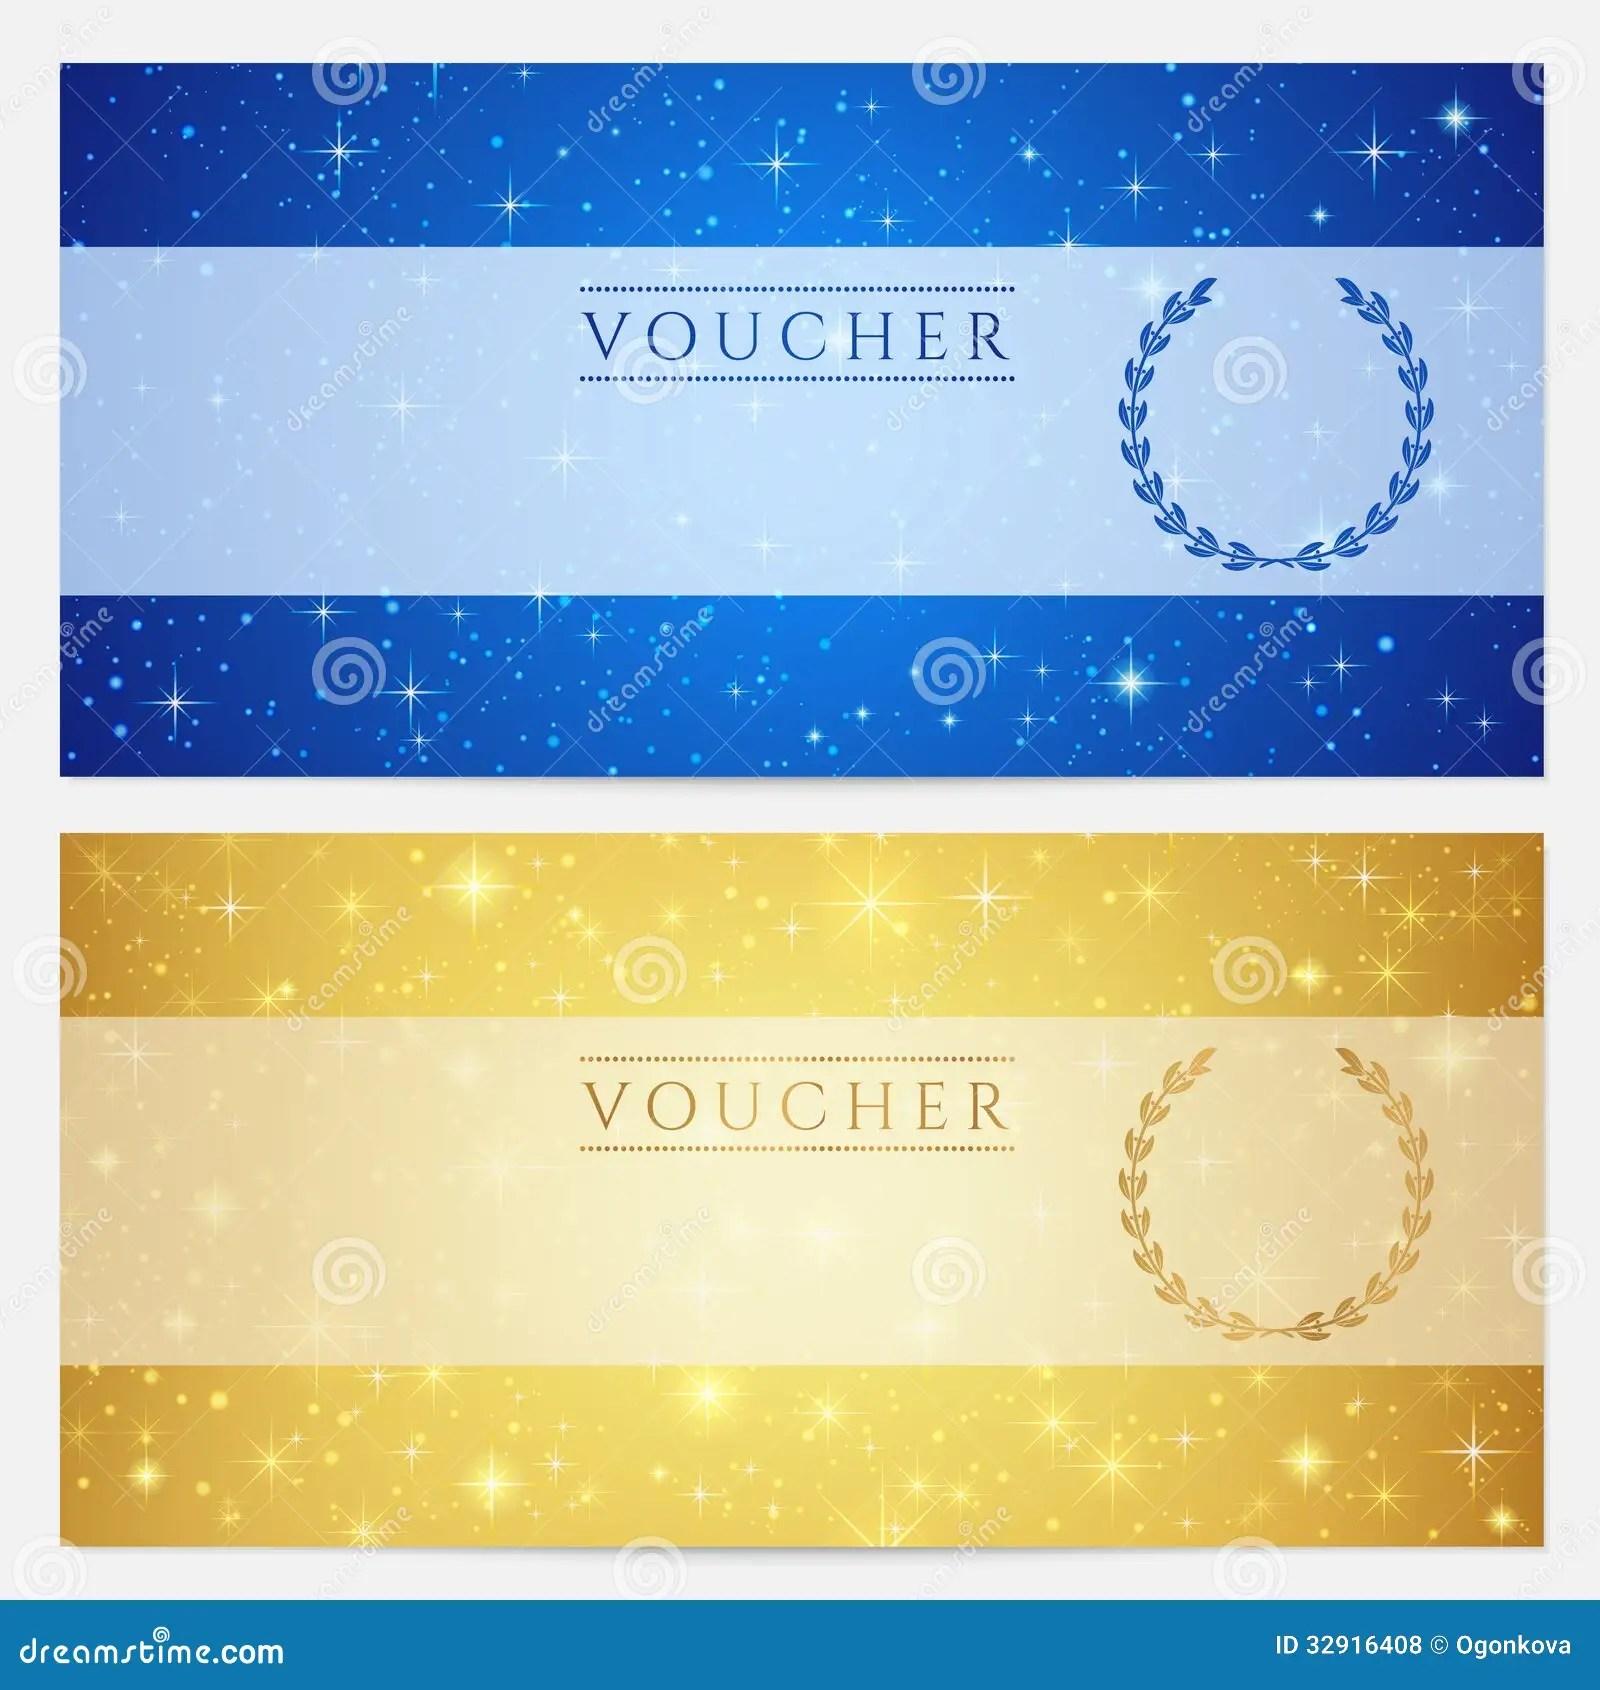 doc 680400 voucher design template blank voucher template is a cv the same as a resumecoupon format coupon bookshomemade voucher design template abstract gift voucher design